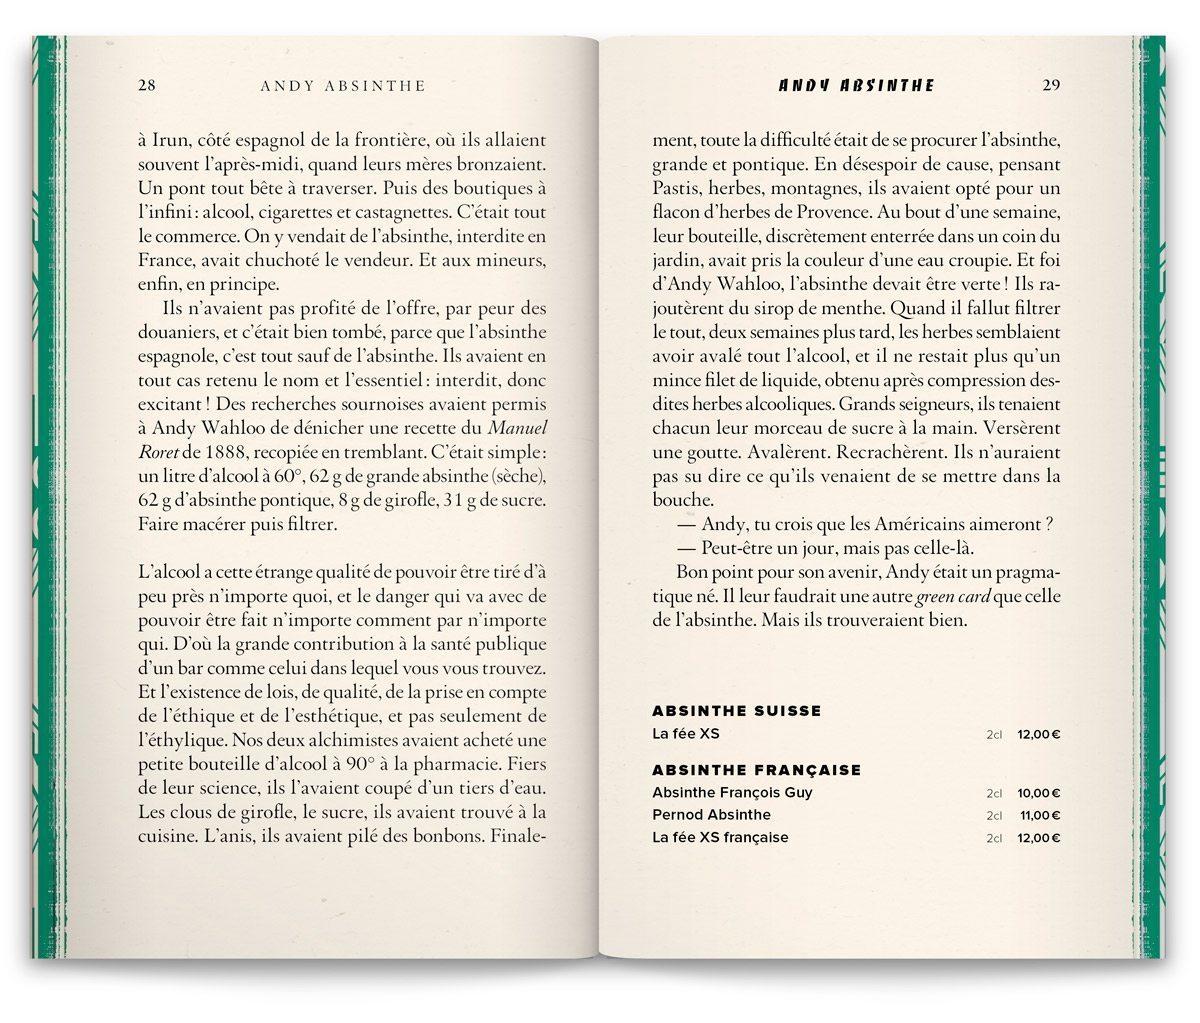 """L'histoire """"Andy Absinthe"""" de la nouvelle carte du bar Andy Wahloo, rue des graviers, Paris 3e, design Ich&Kar"""